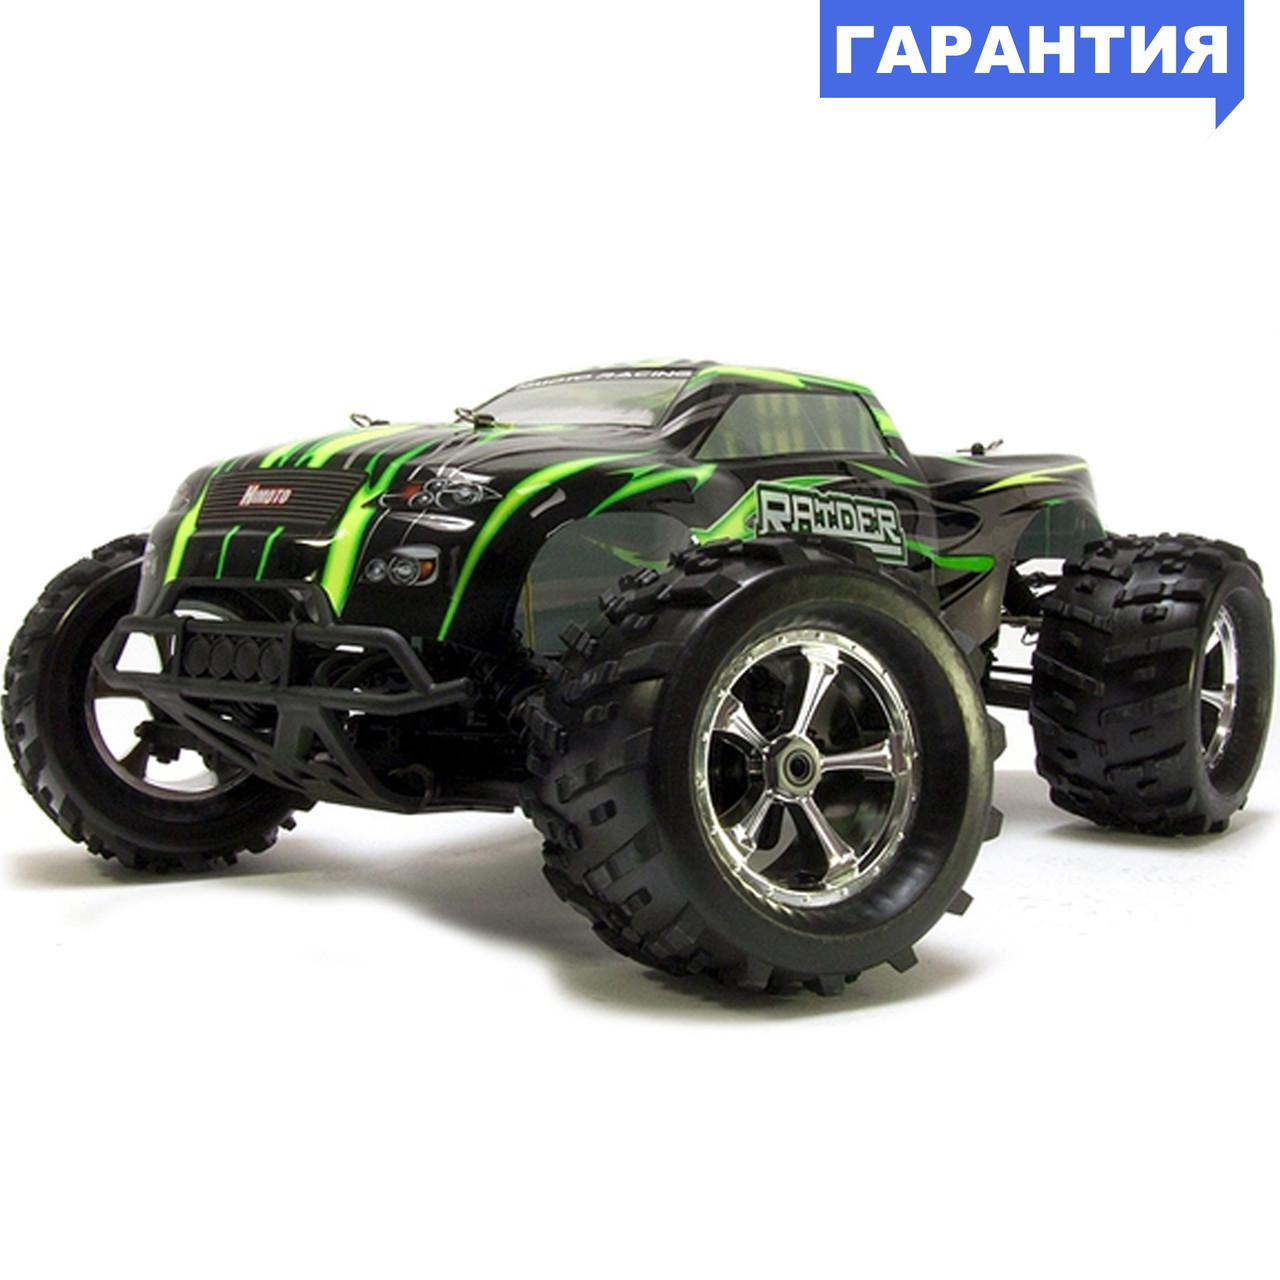 Монстр 1:8 Himoto Raider MegaE8MTL Brushless бесколлекторный (зеленый)